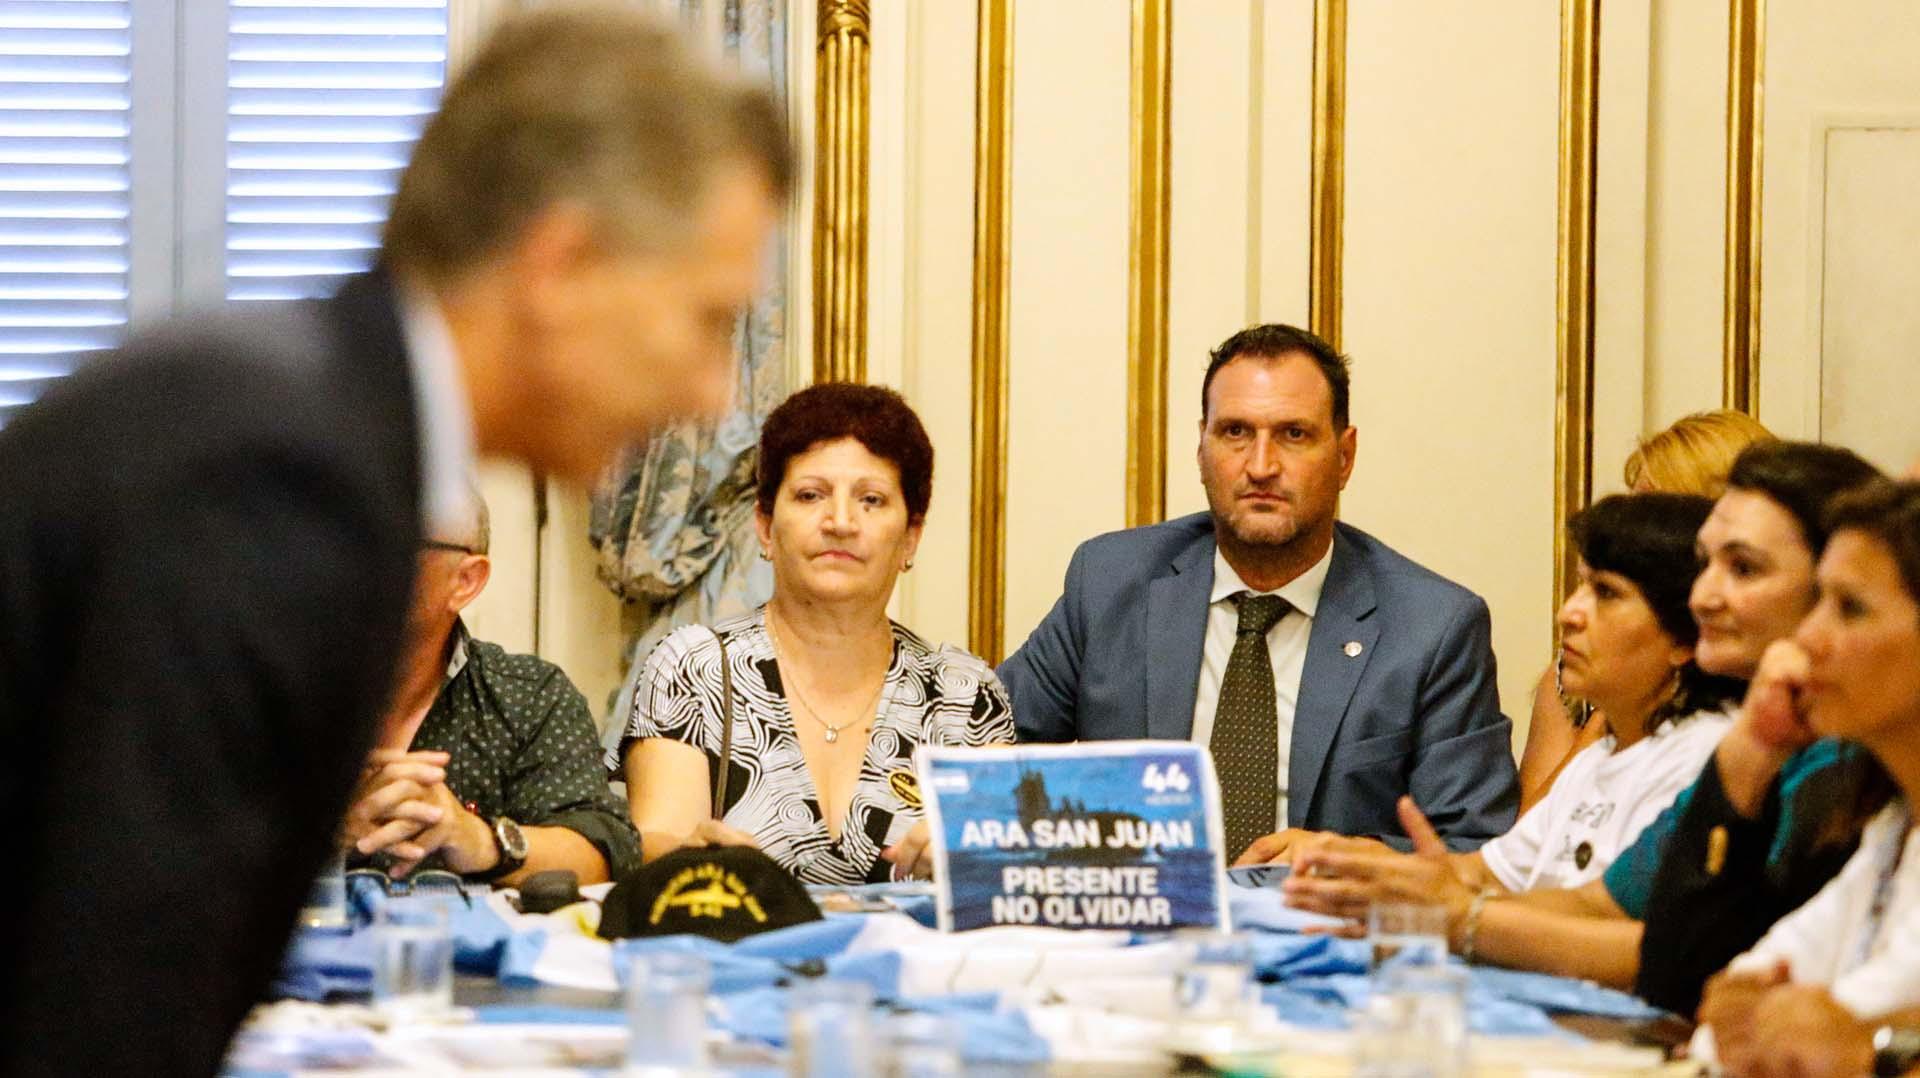 Familiares de los tripulantes del submarino ARA San Juan son recibidos por primera vez por el Presidente de la Nación, Mauricio Macri (Nicolás Aboaf)